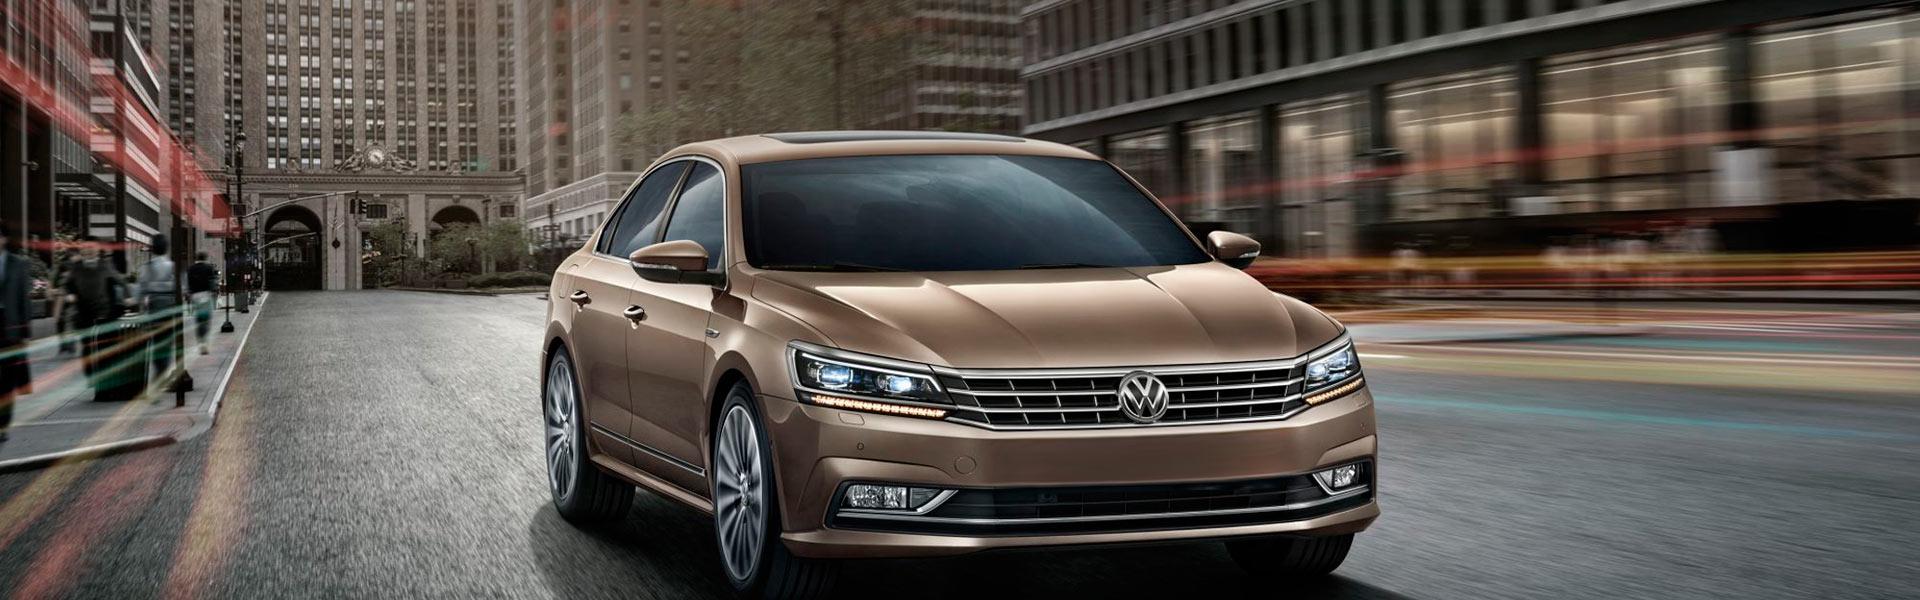 Радиатор на Volkswagen Passat